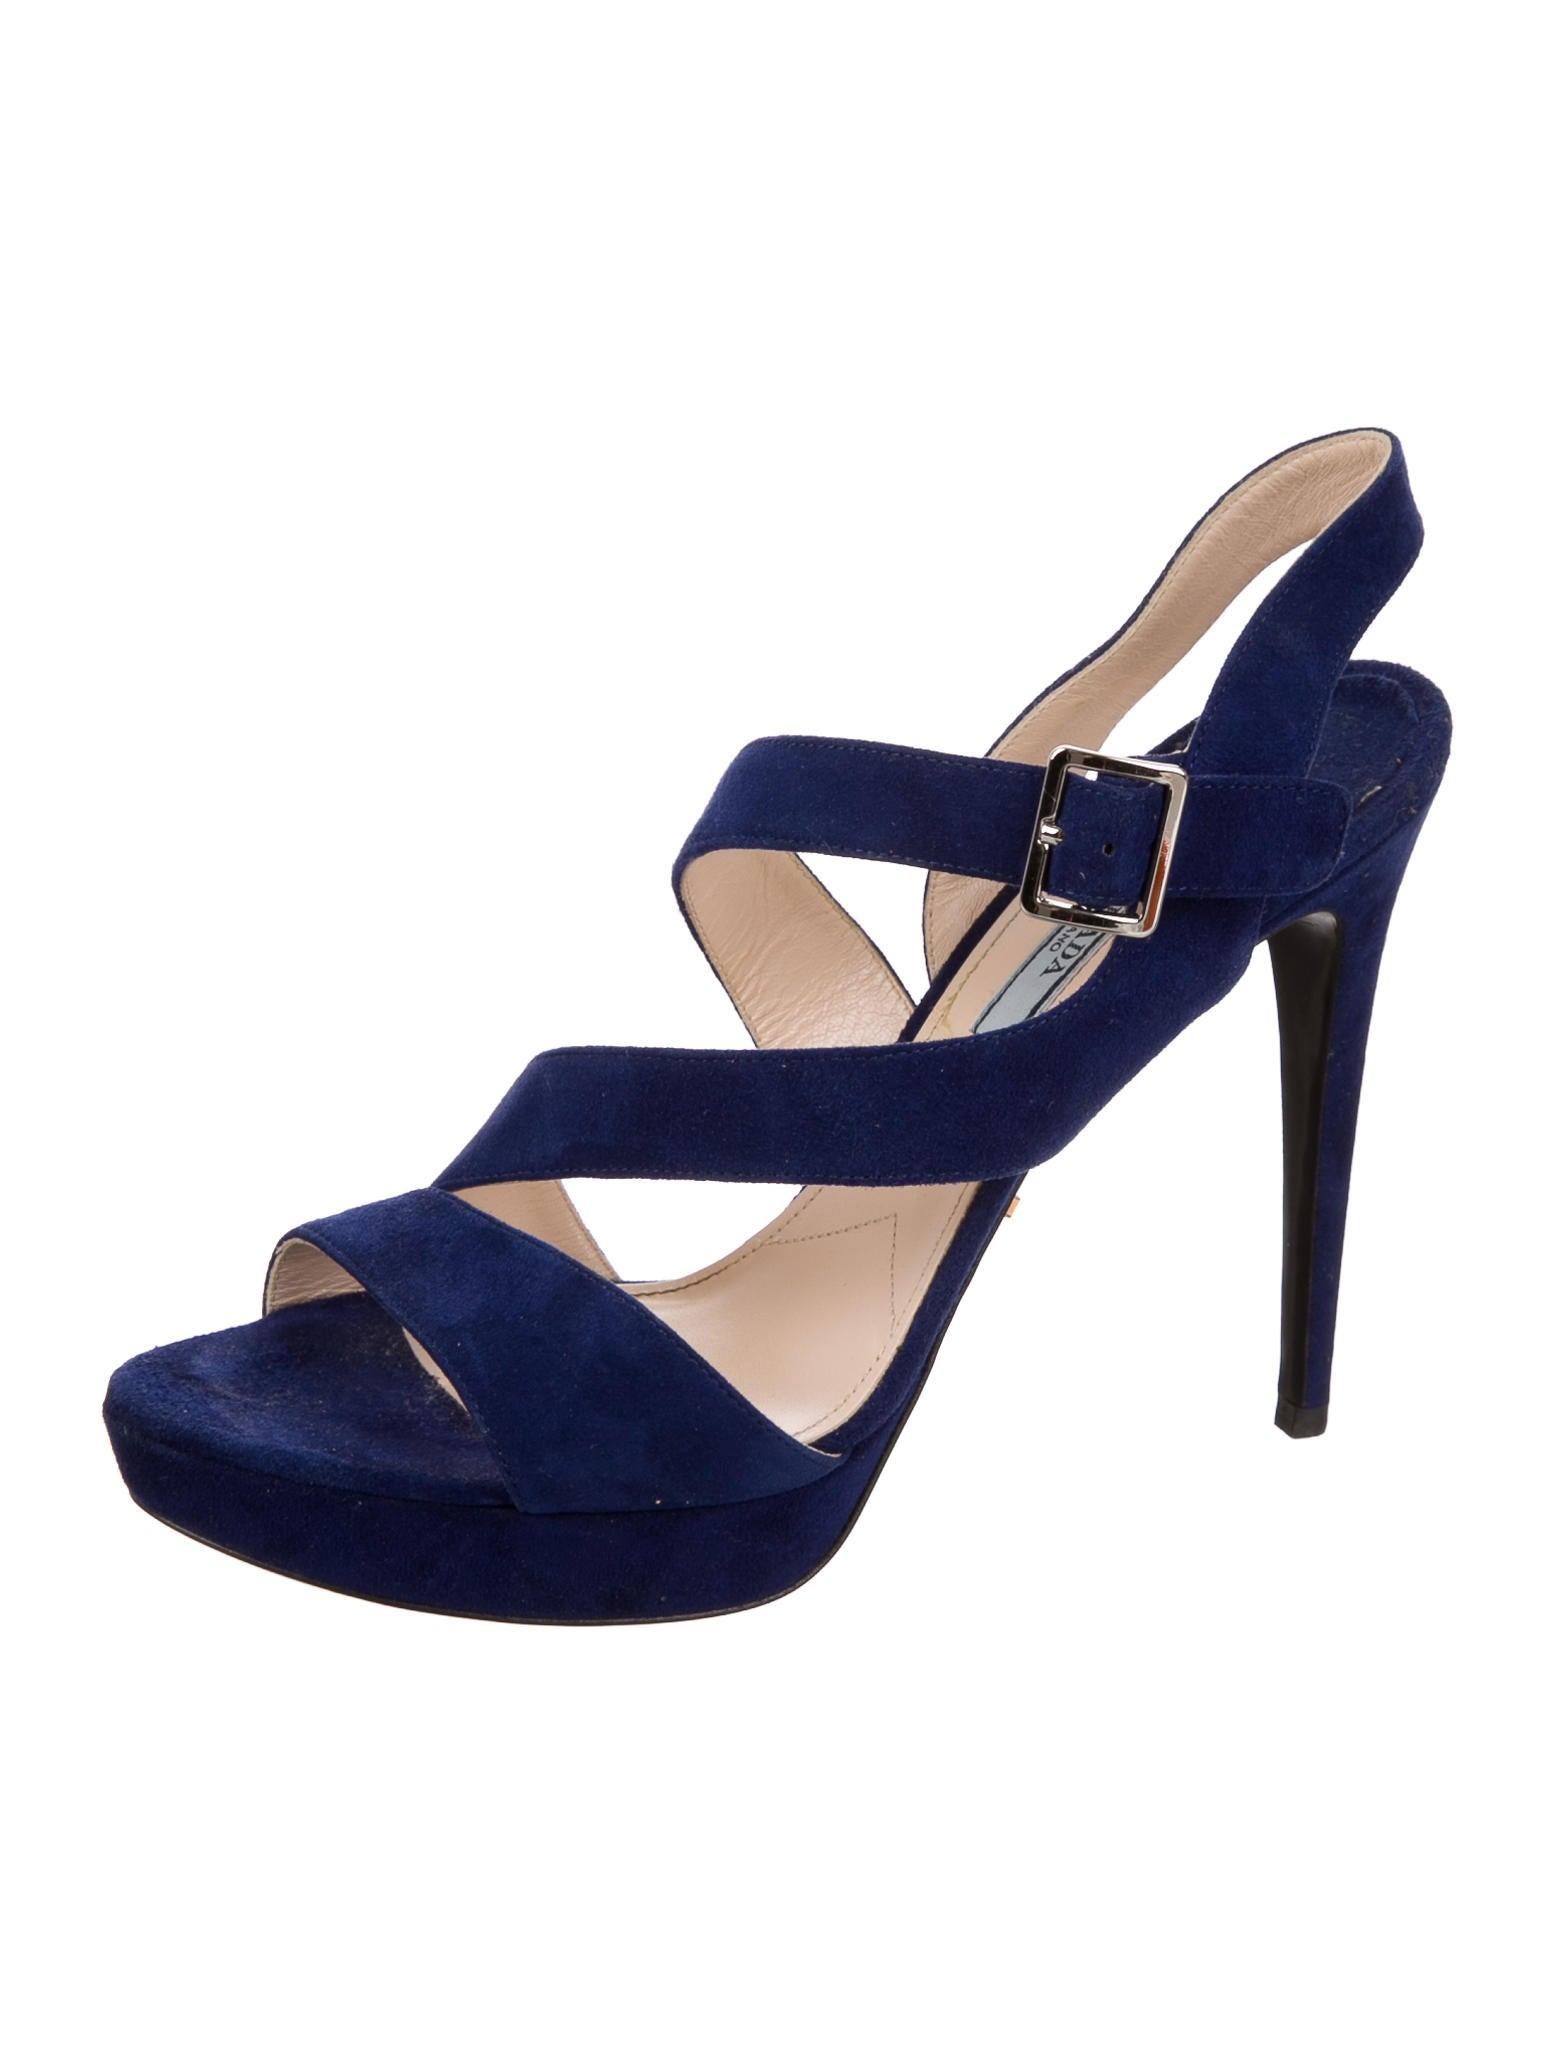 prada suede platform sandals shoes pra133040 the